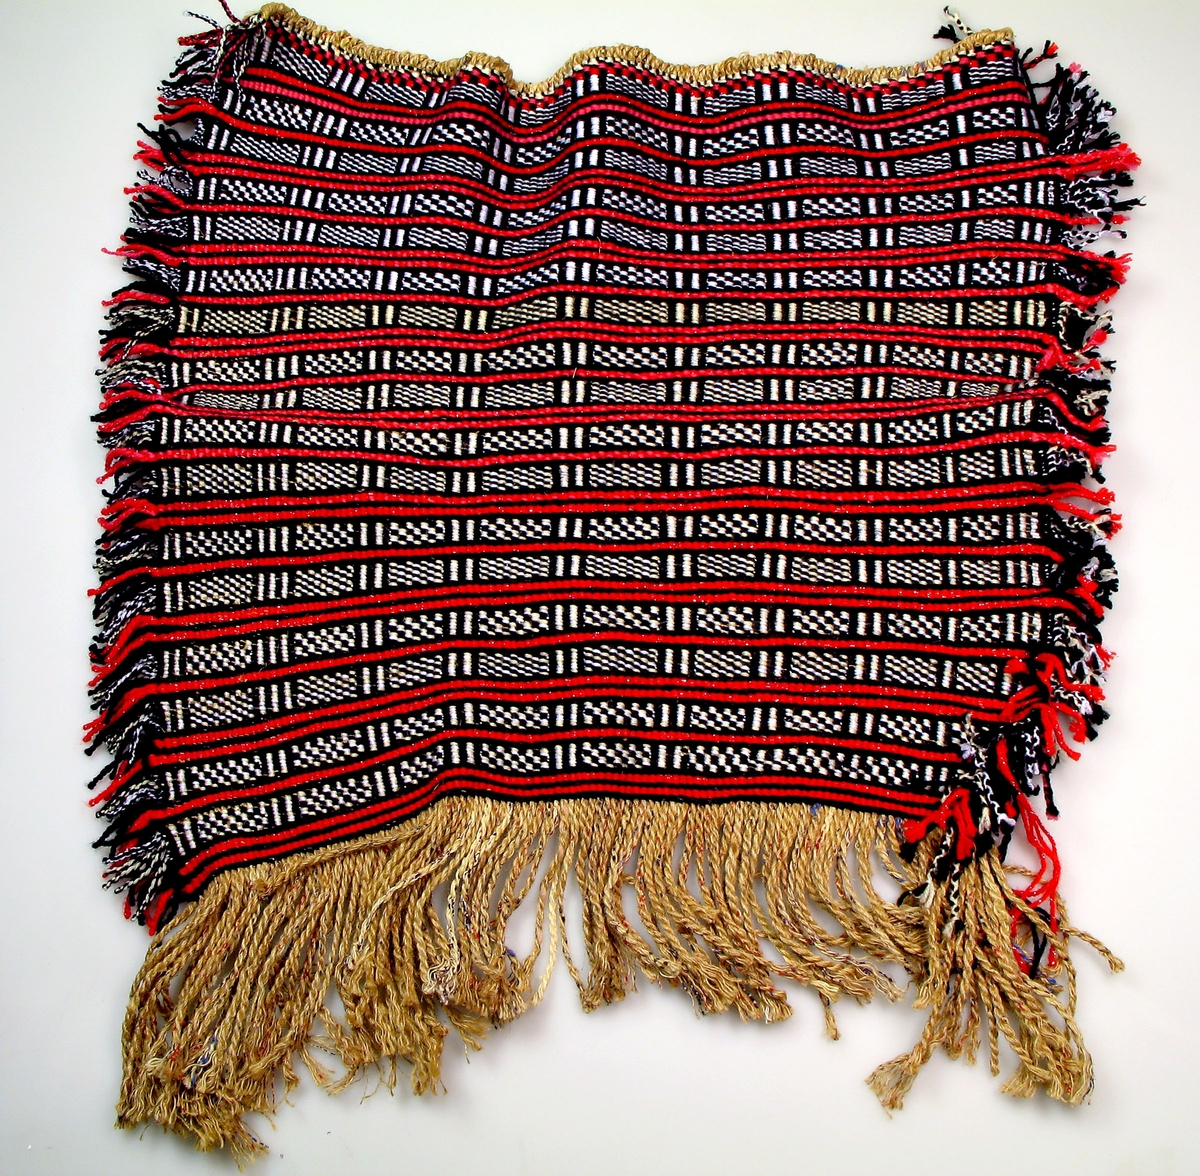 Vevd teppe.  Somalisk mønster vevd i Norge.  Kjøpt av Fadumo Hussein Hassan.